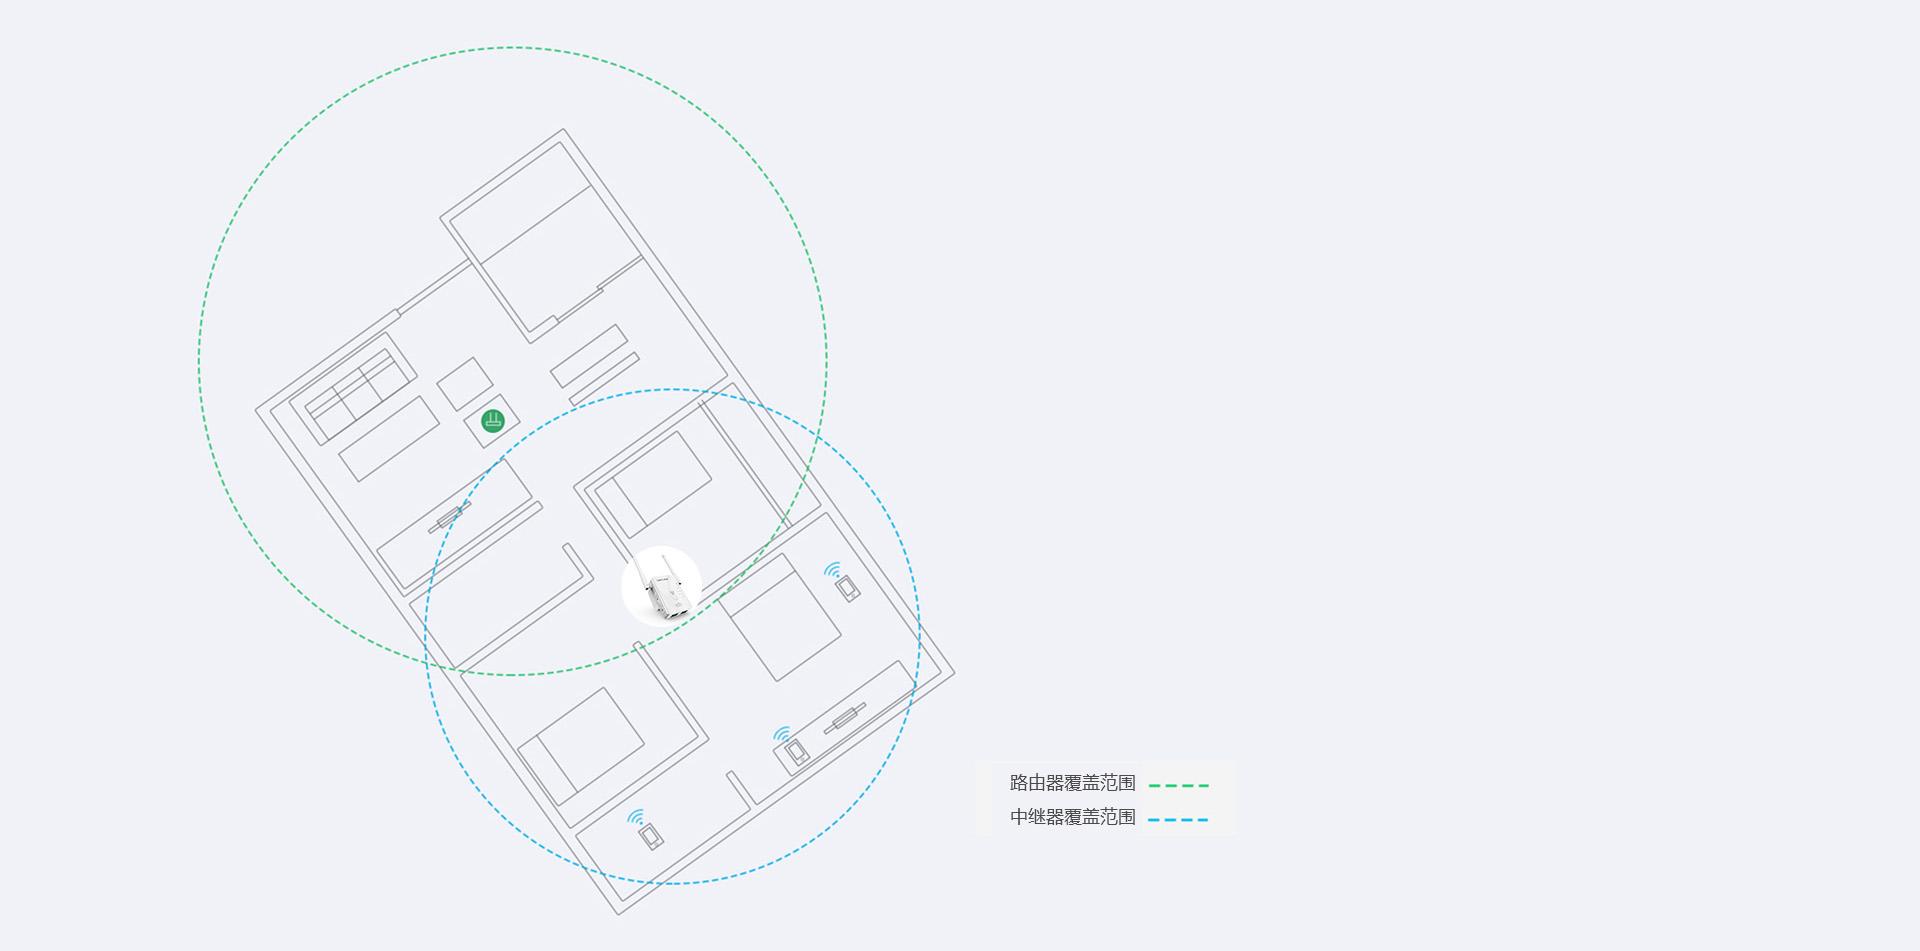 578R2中继器,增强WiFi信号,扩大WiFi覆盖范围